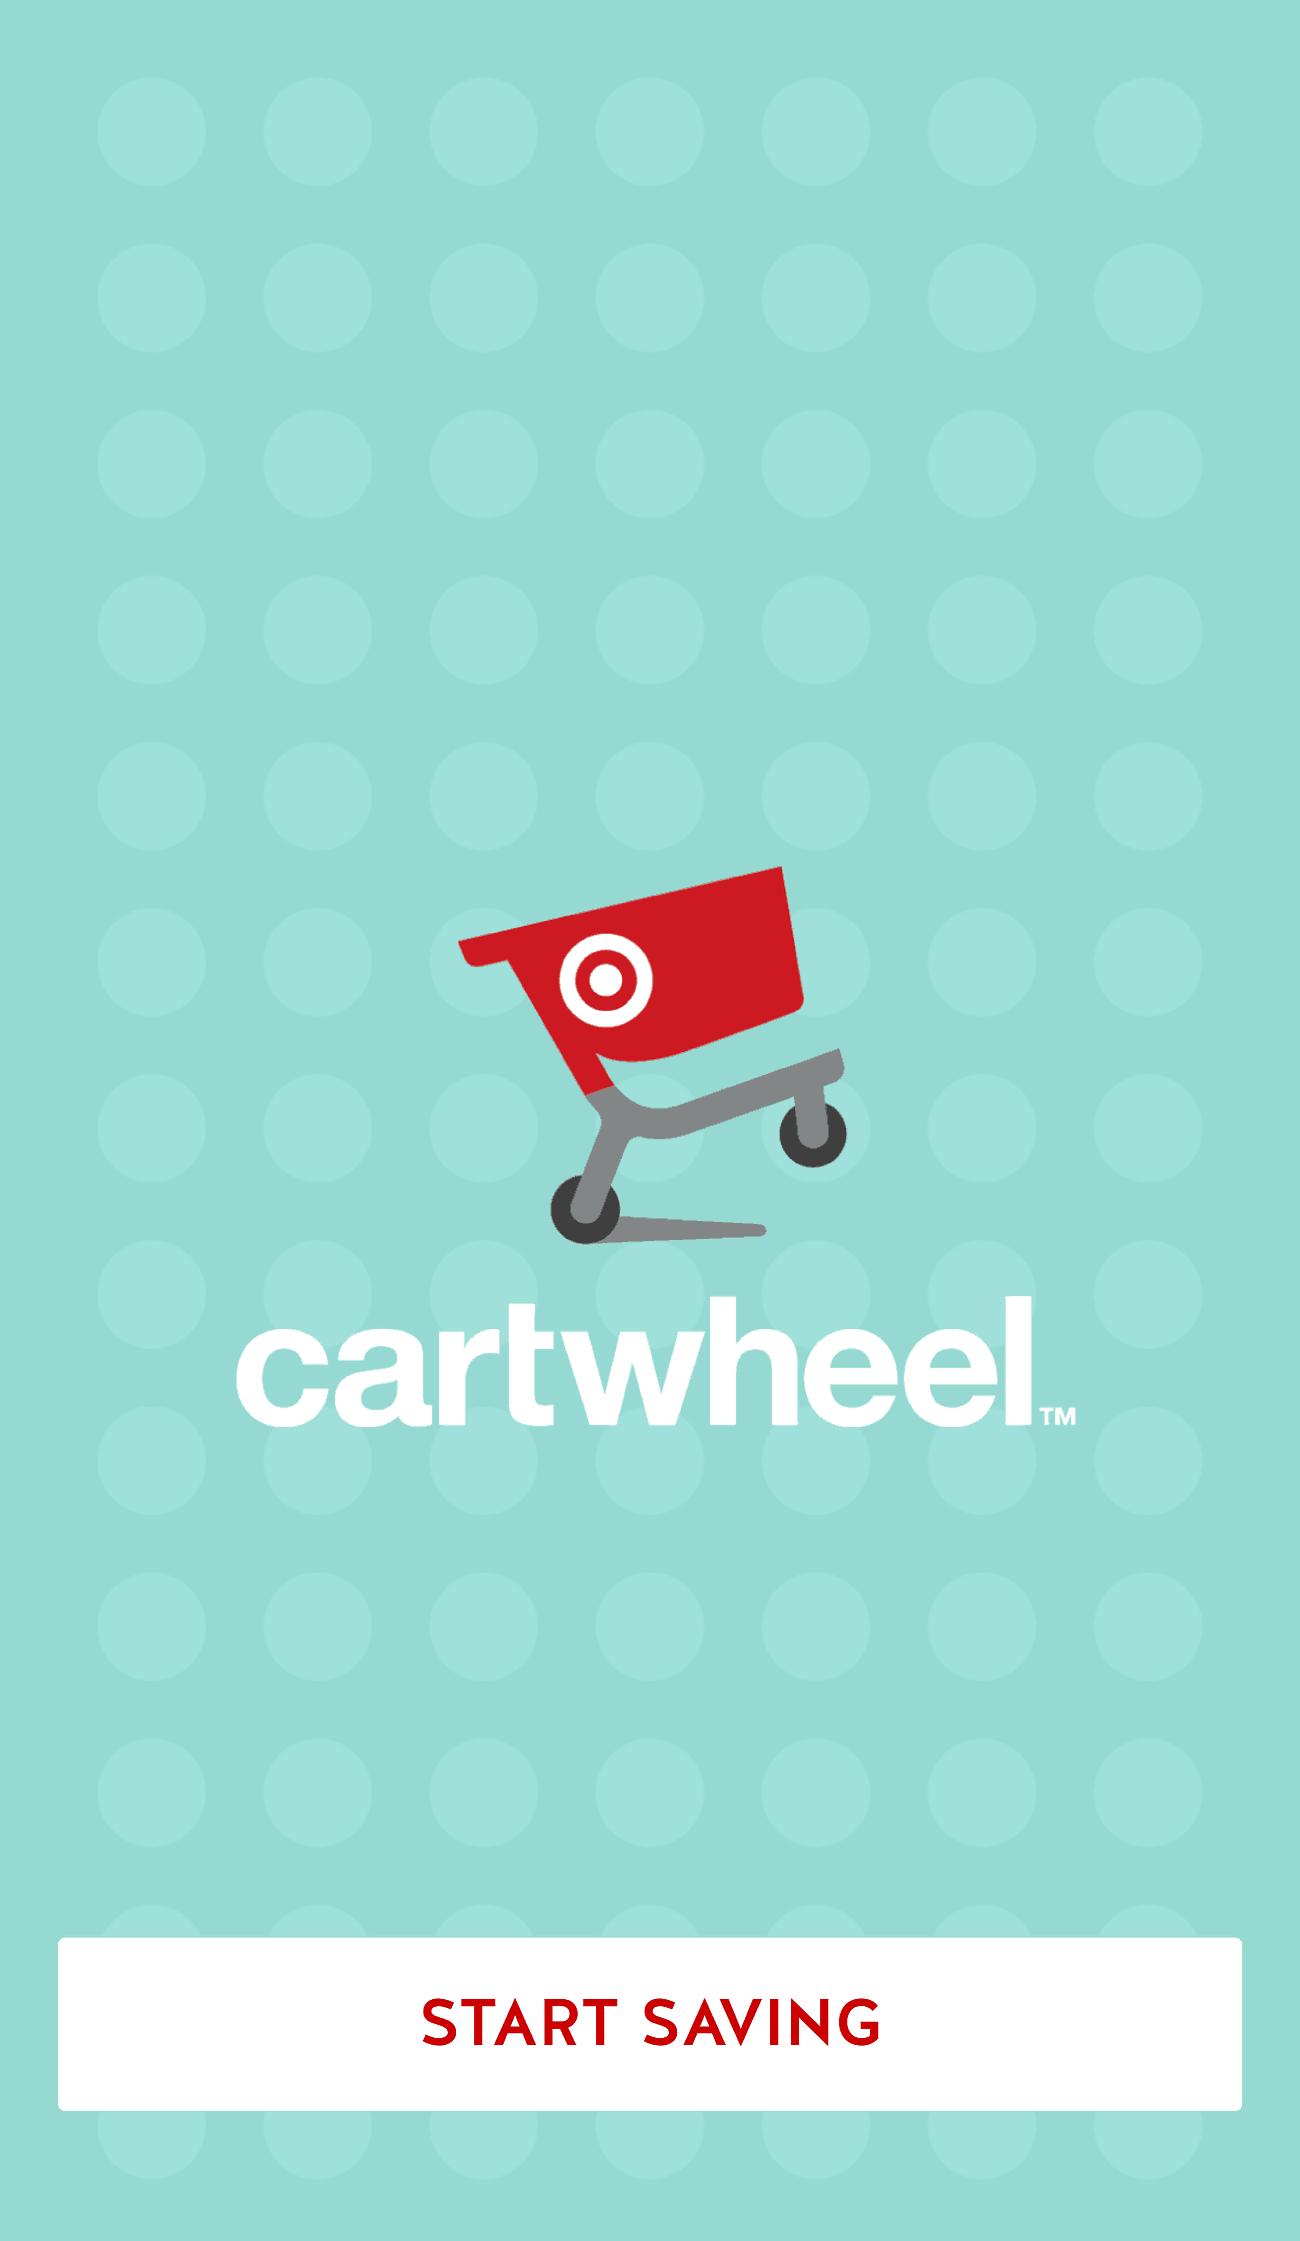 Cartwheel Mobile App - Start saving!